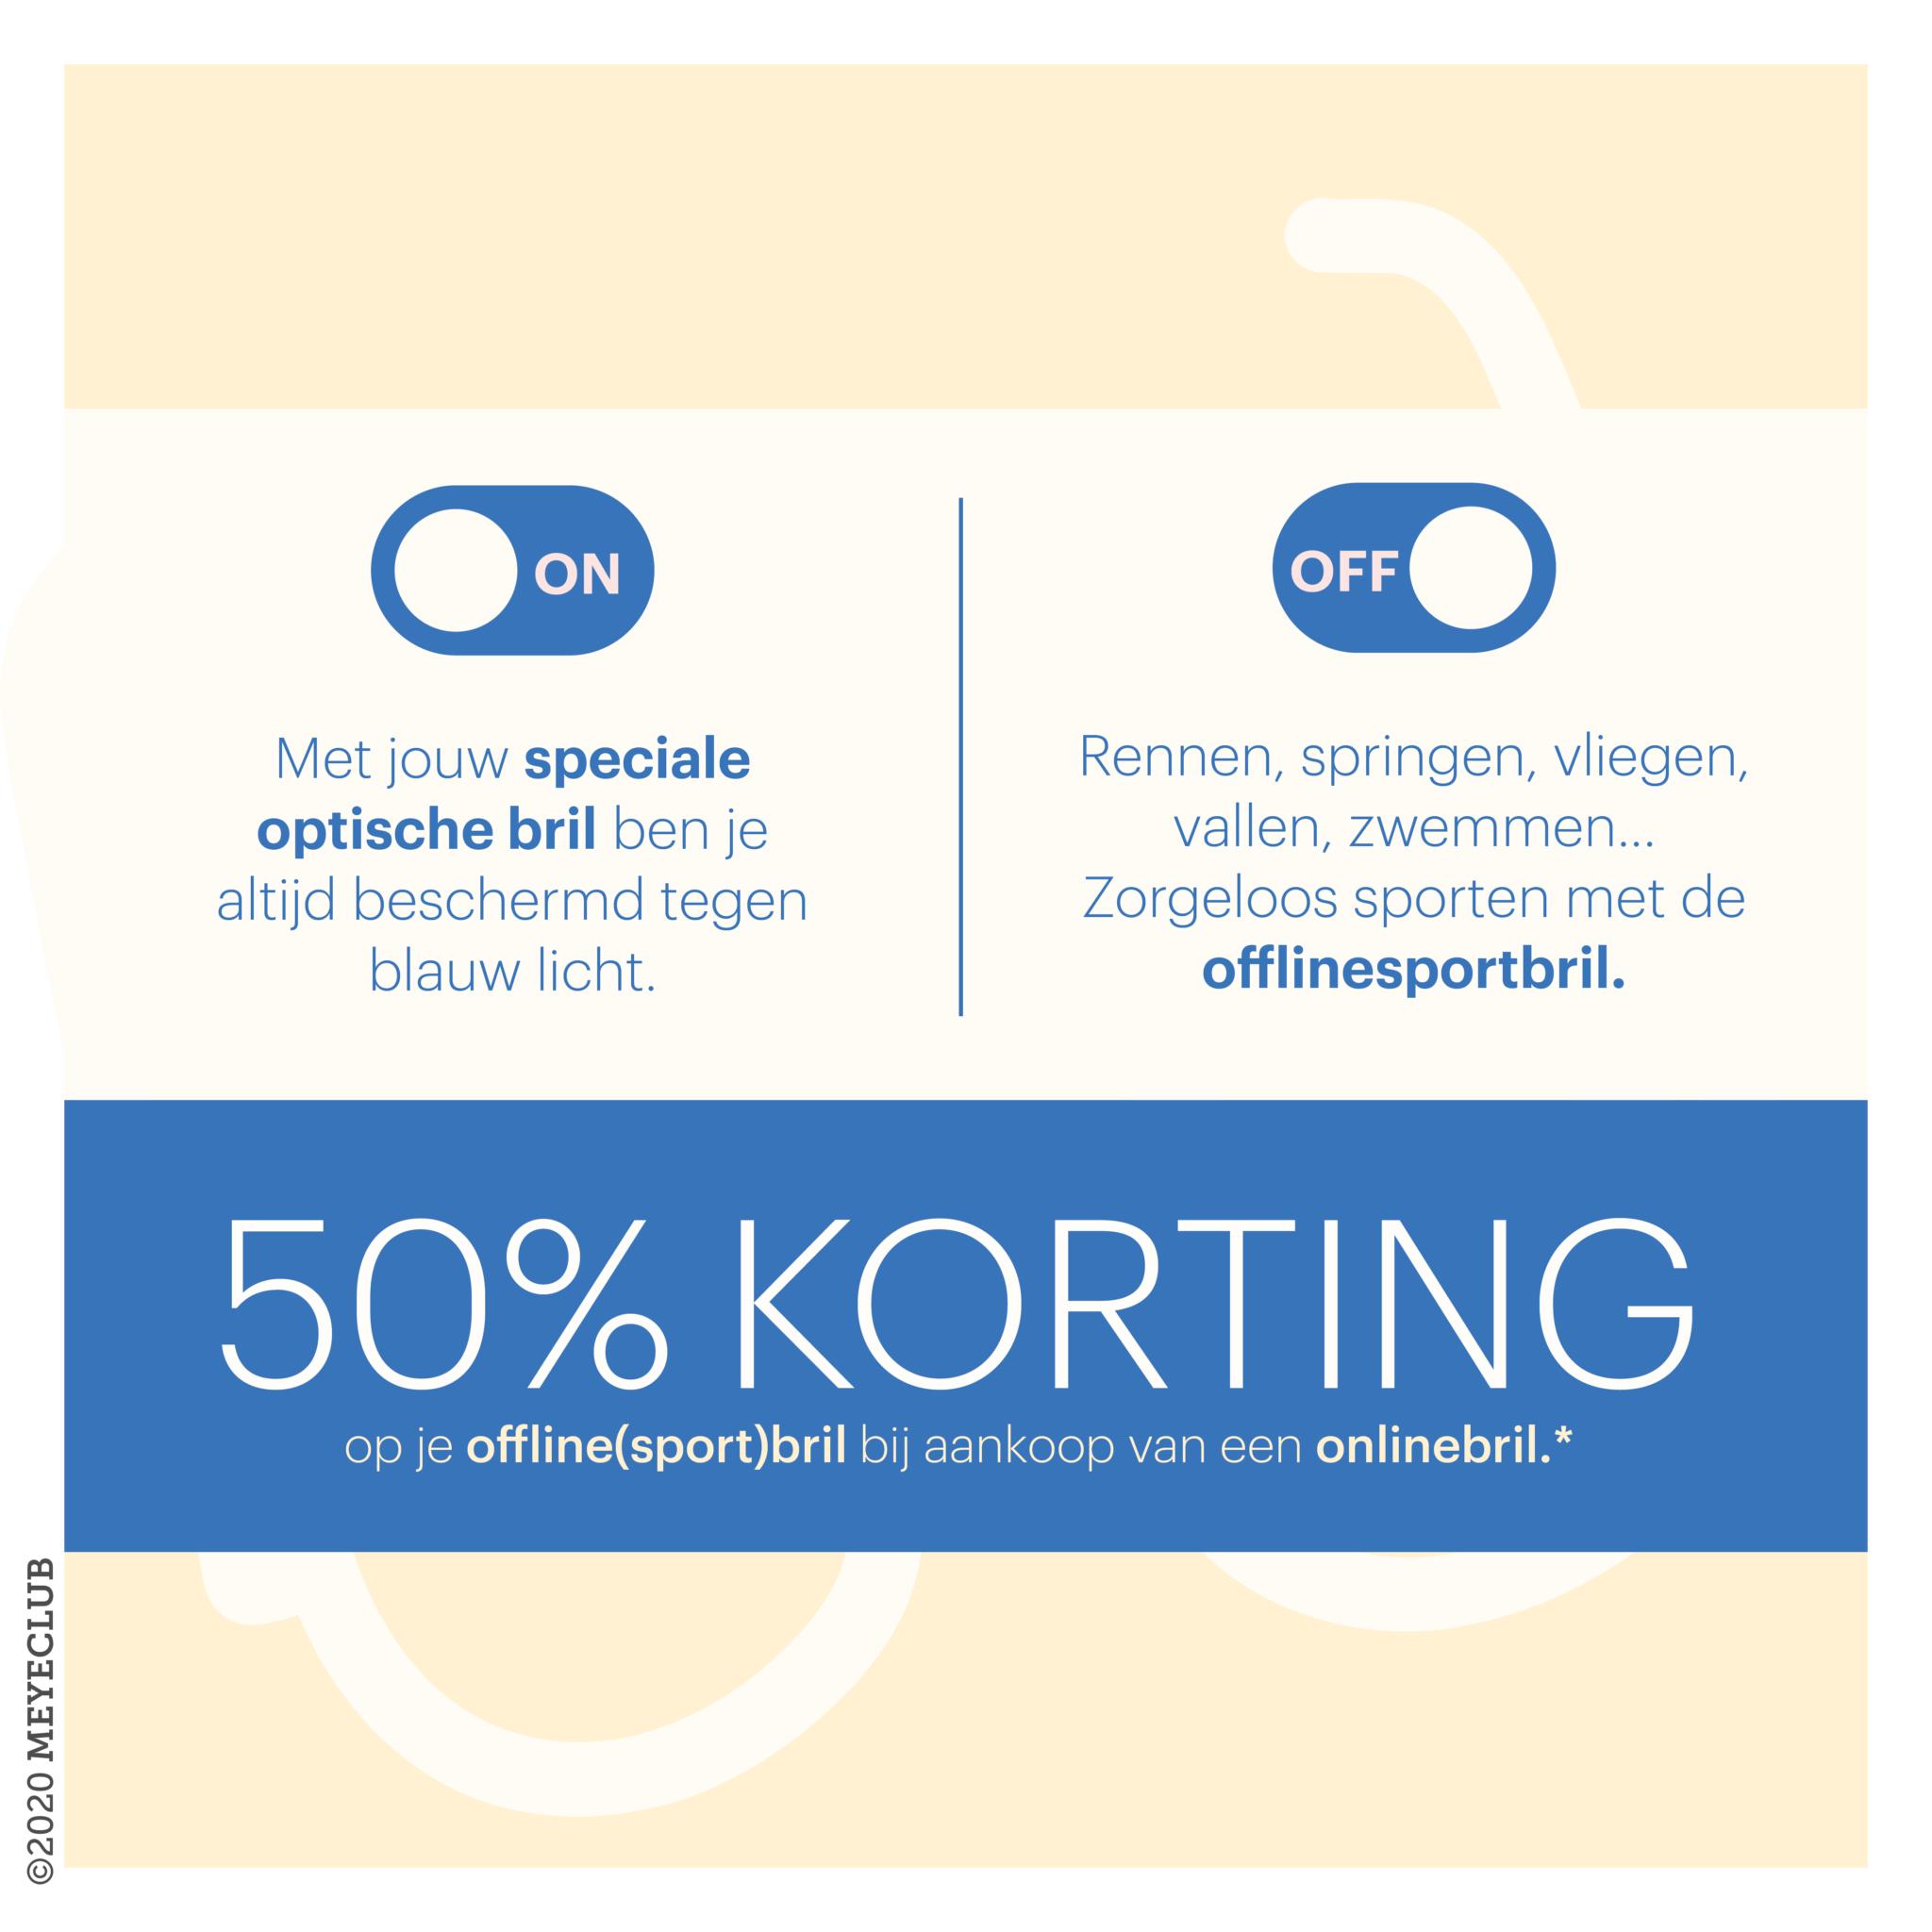 50% korting op uw offline(sport)bril*